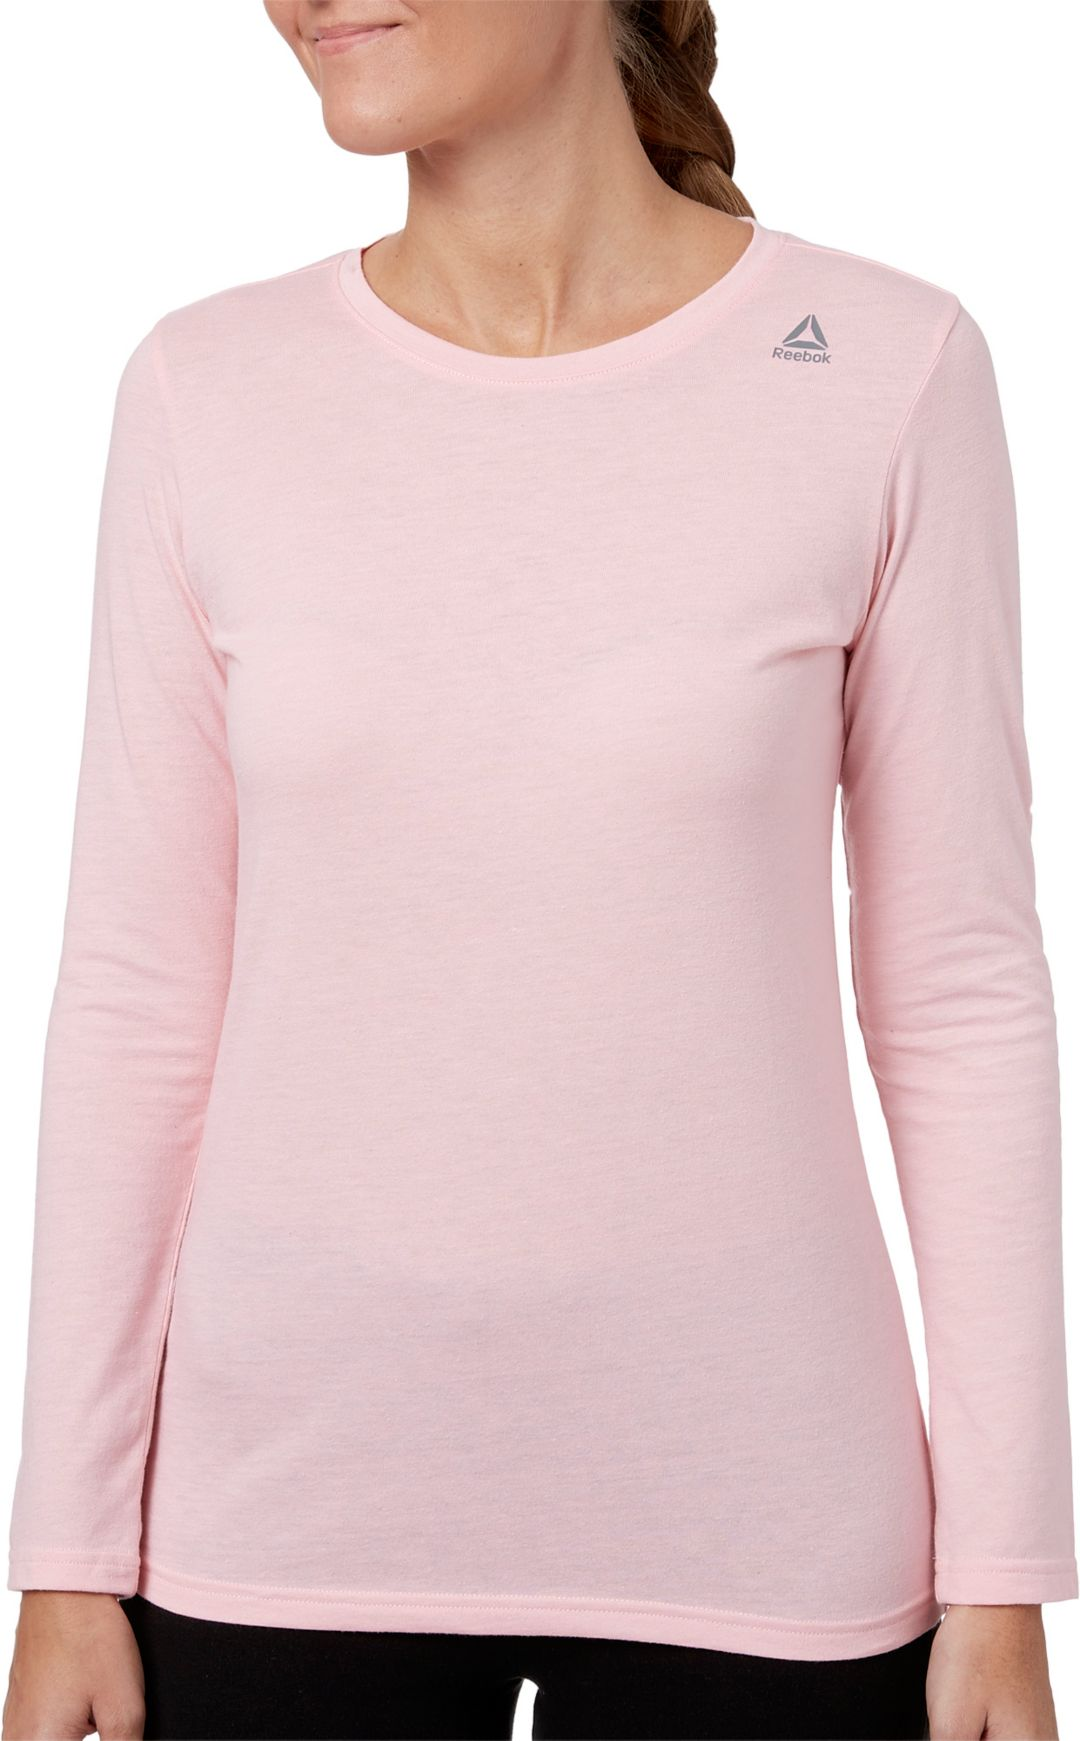 d68e68f95b Reebok Women's Core Cotton Jersey Long Sleeve Shirt